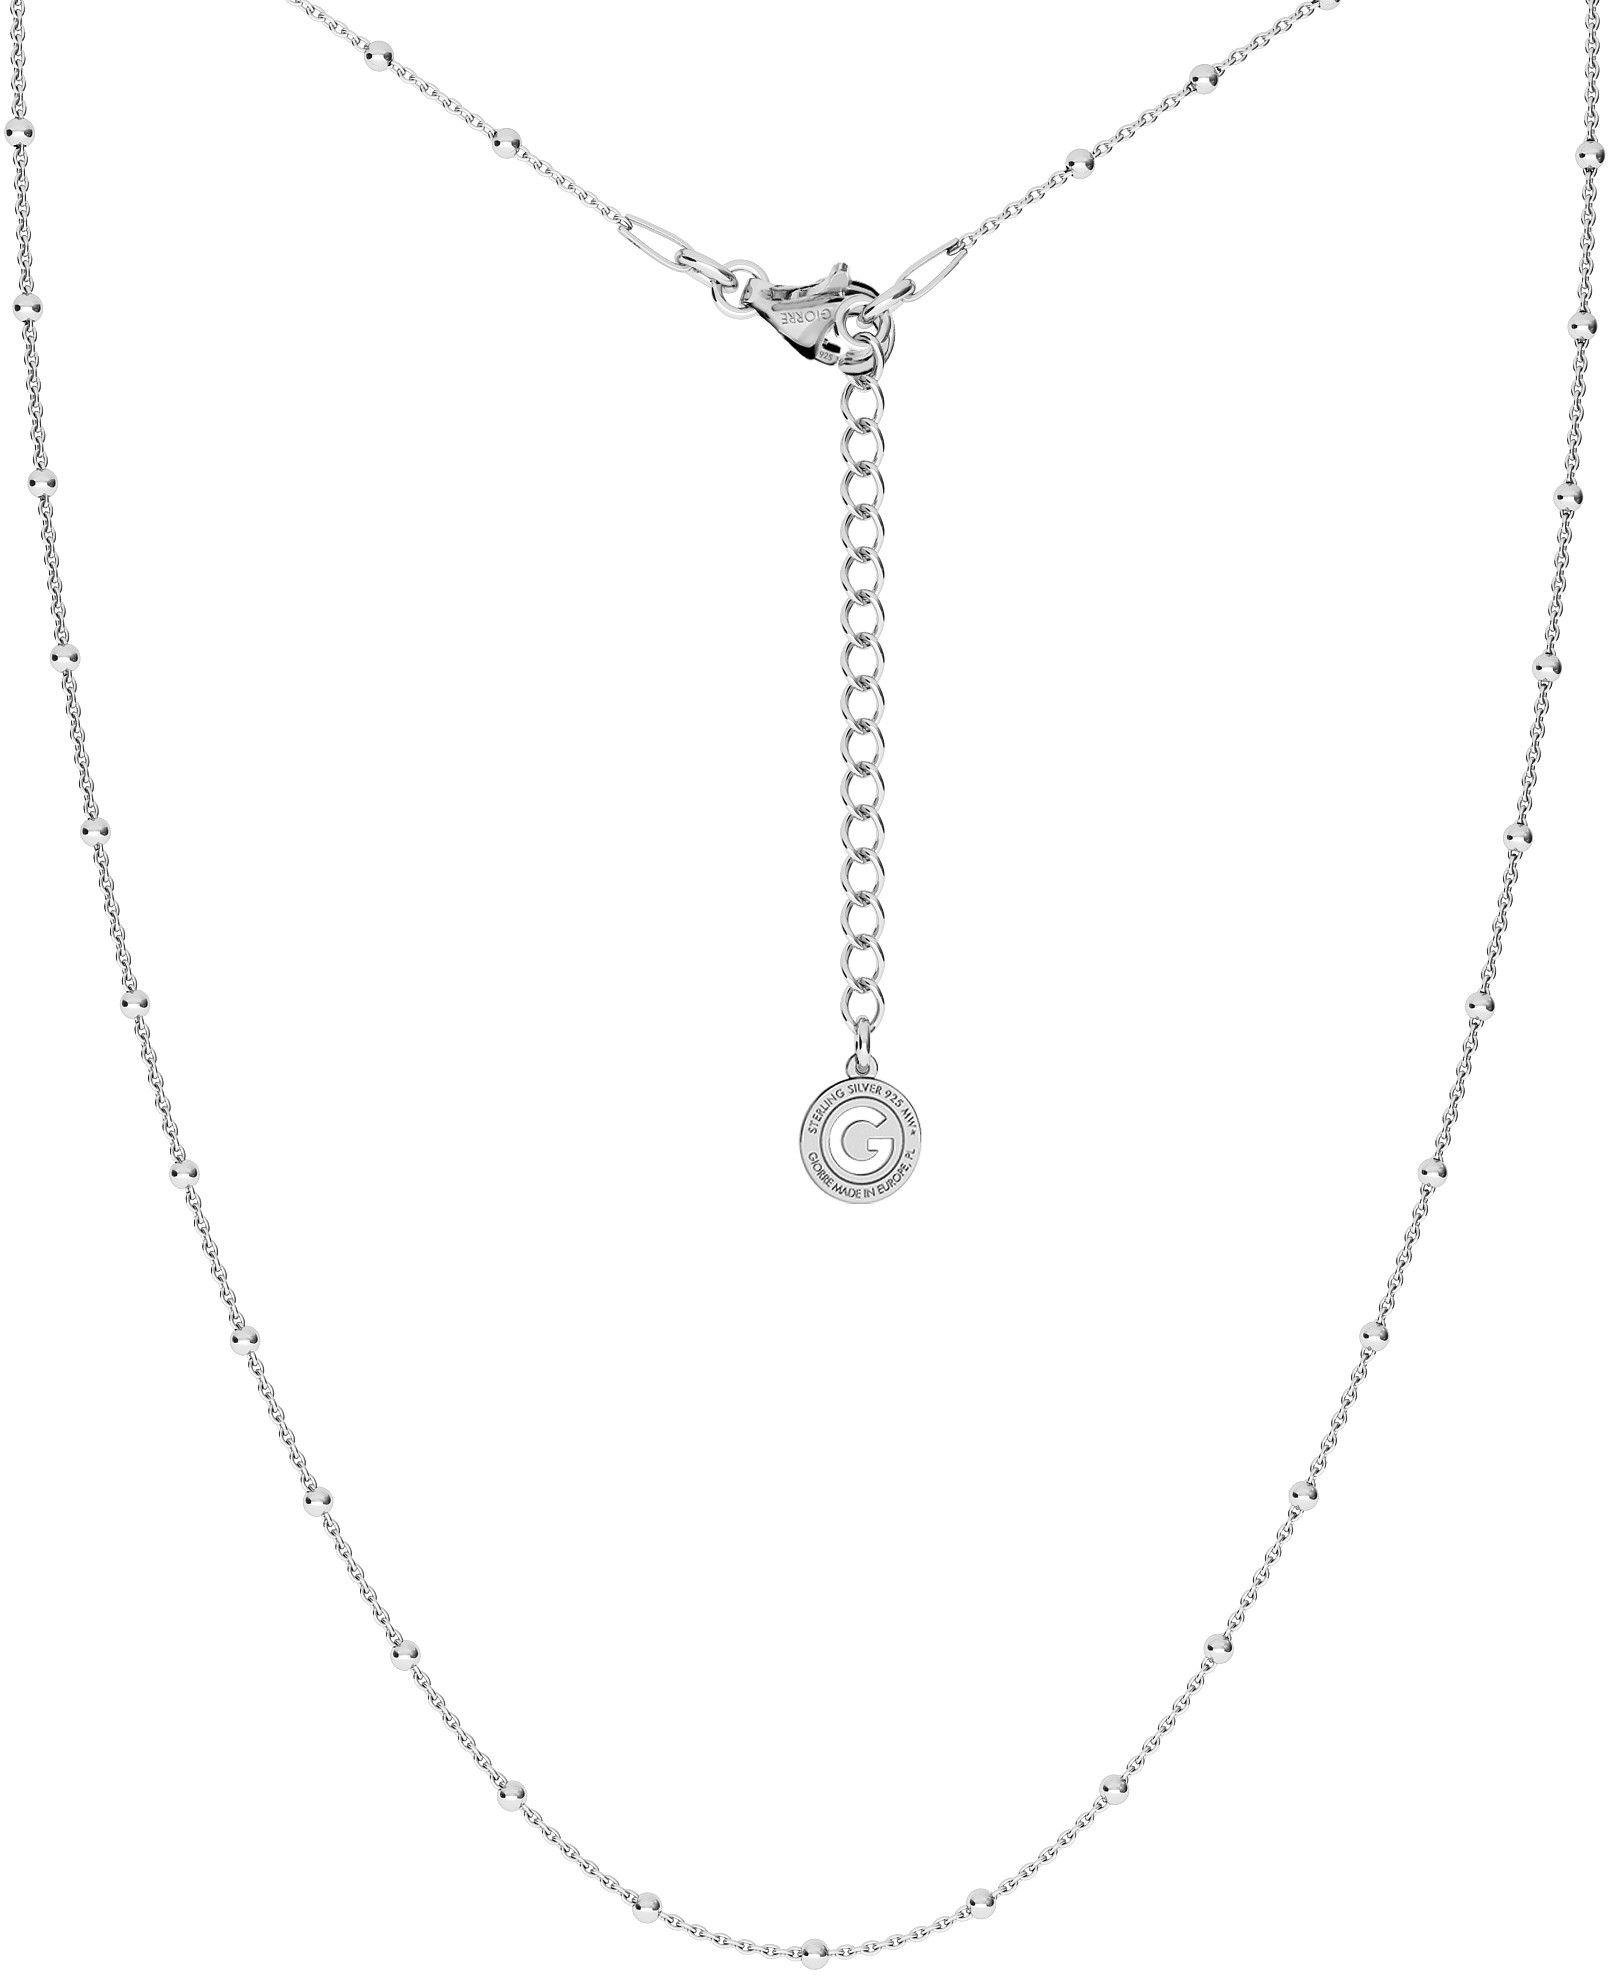 Srebrny delikatny łańcuszek ankier z kulkami, srebro 925 : Długość (cm) - 35 + 5, Srebro - kolor pokrycia - Pokrycie platyną